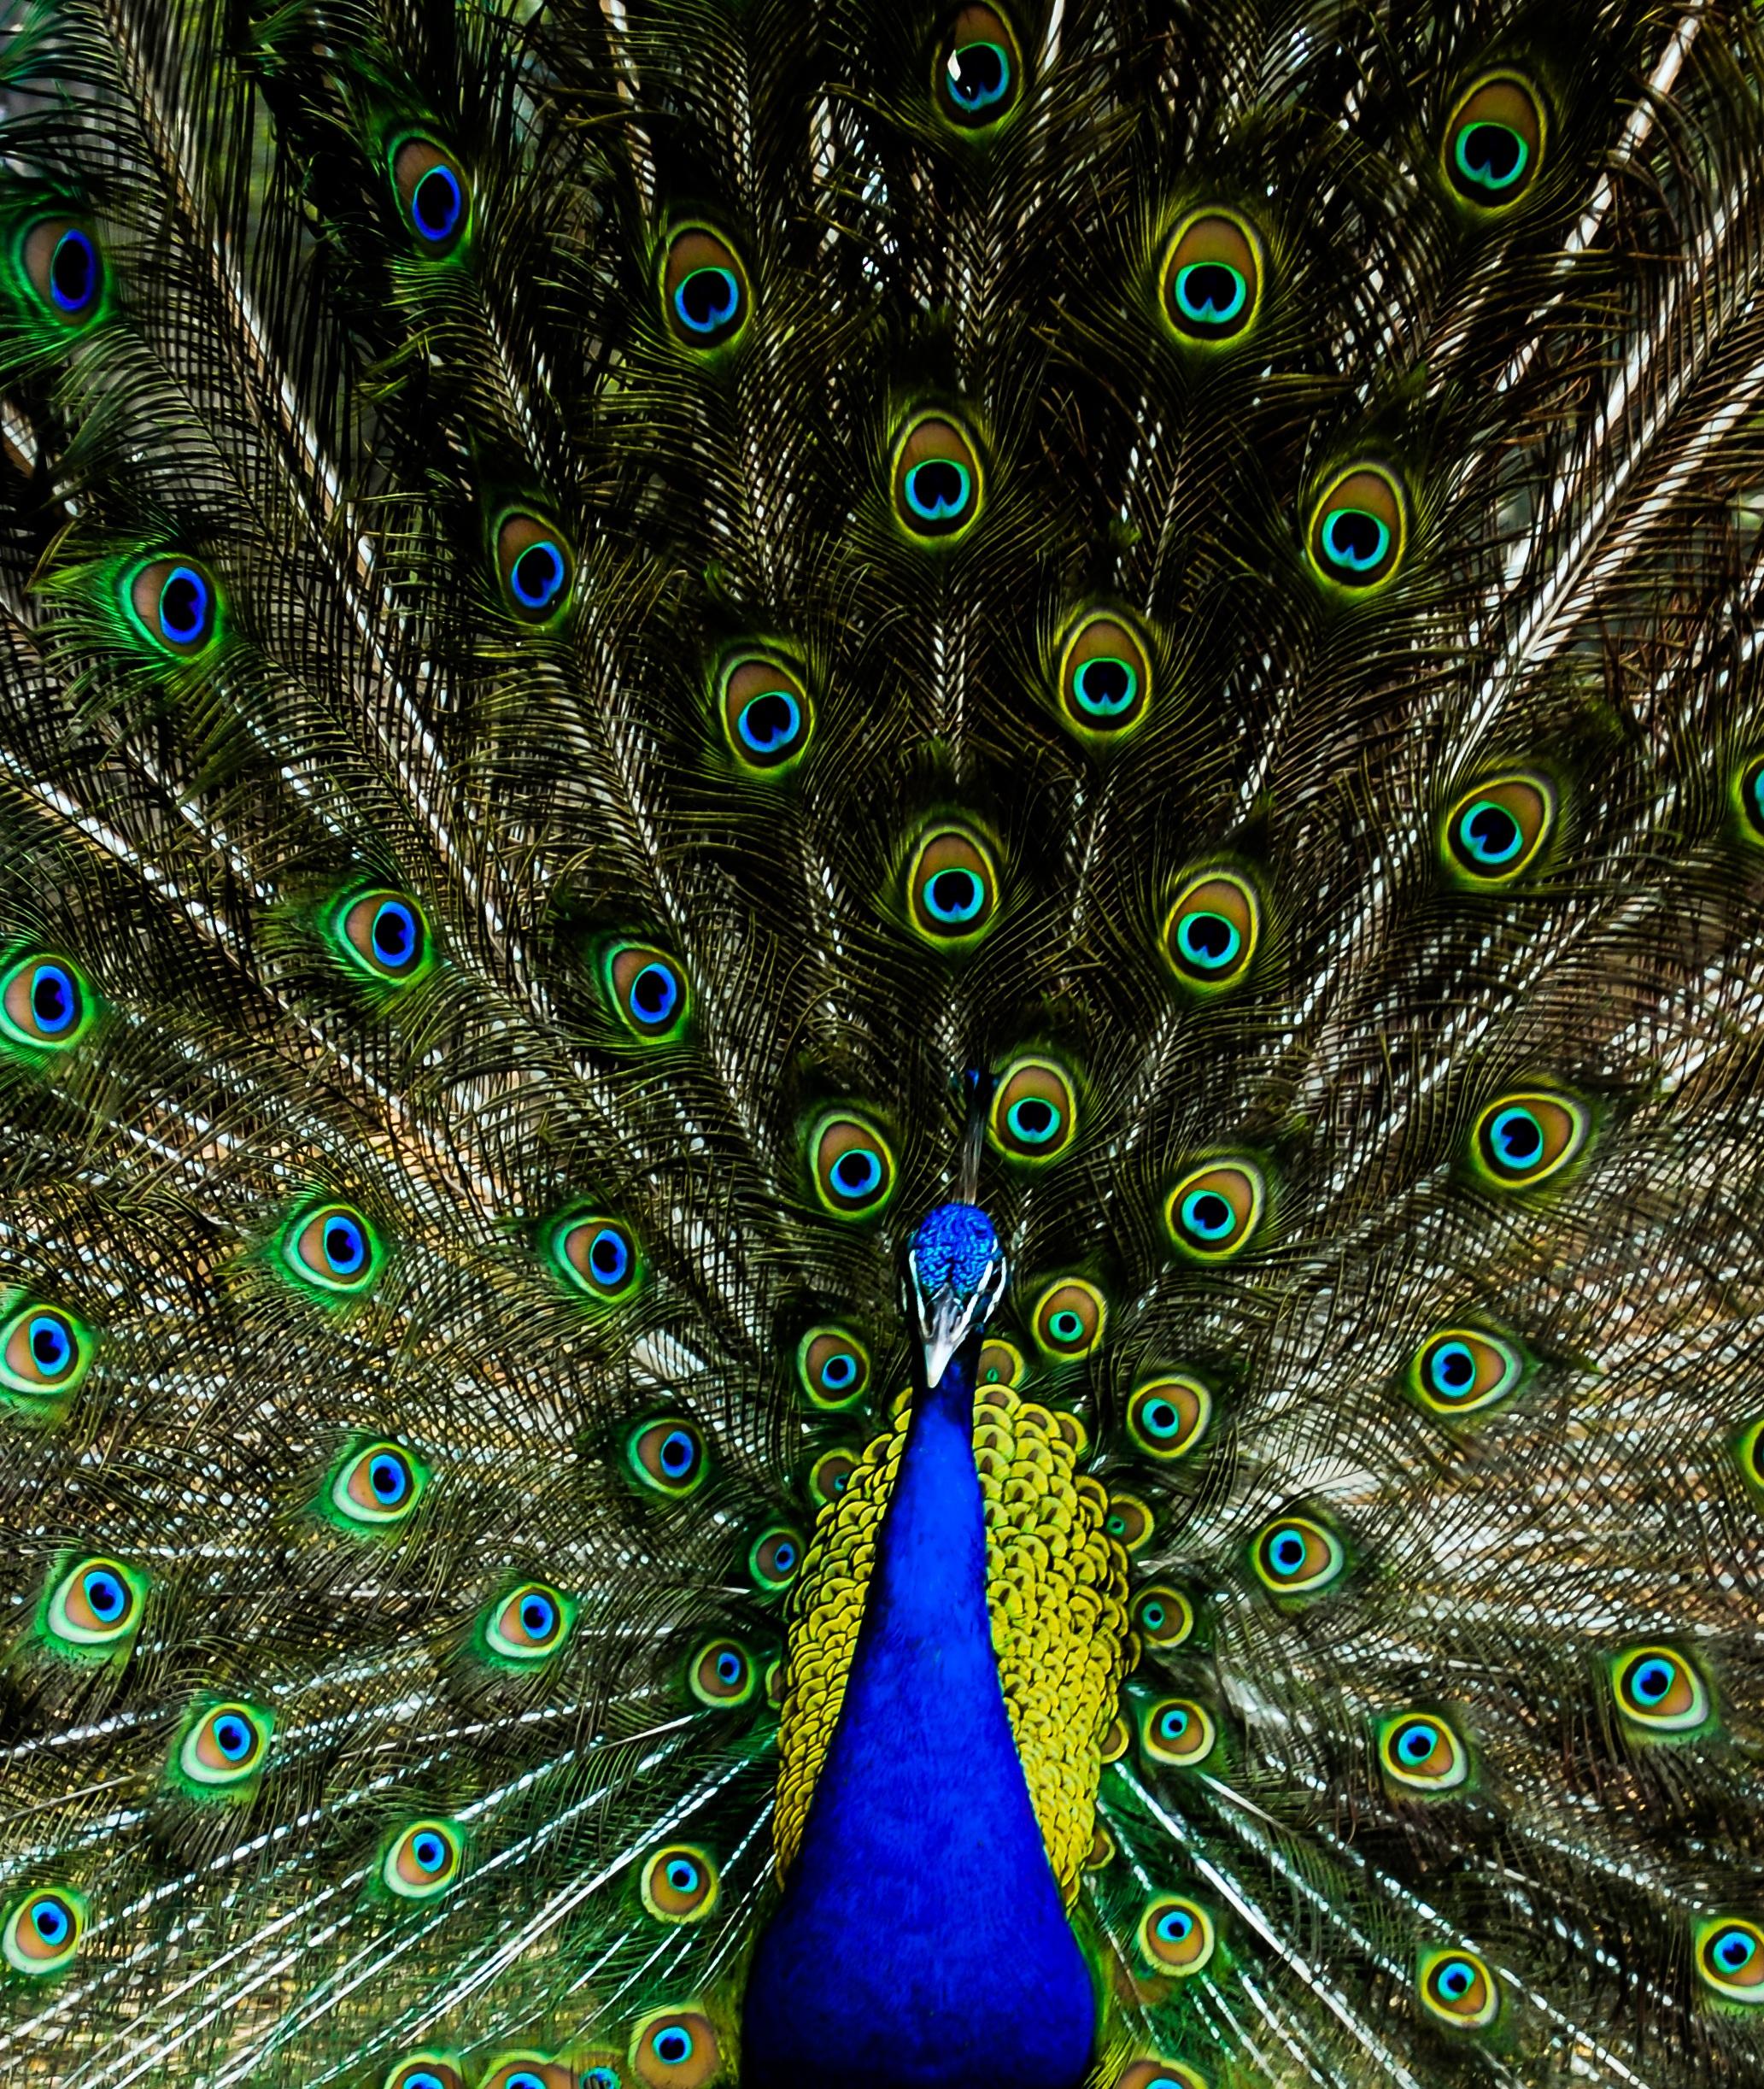 Couleur paon parc pierre paon par de ses jolies couleurs par touche mari avec des ocres - Couleur bleu paon ...